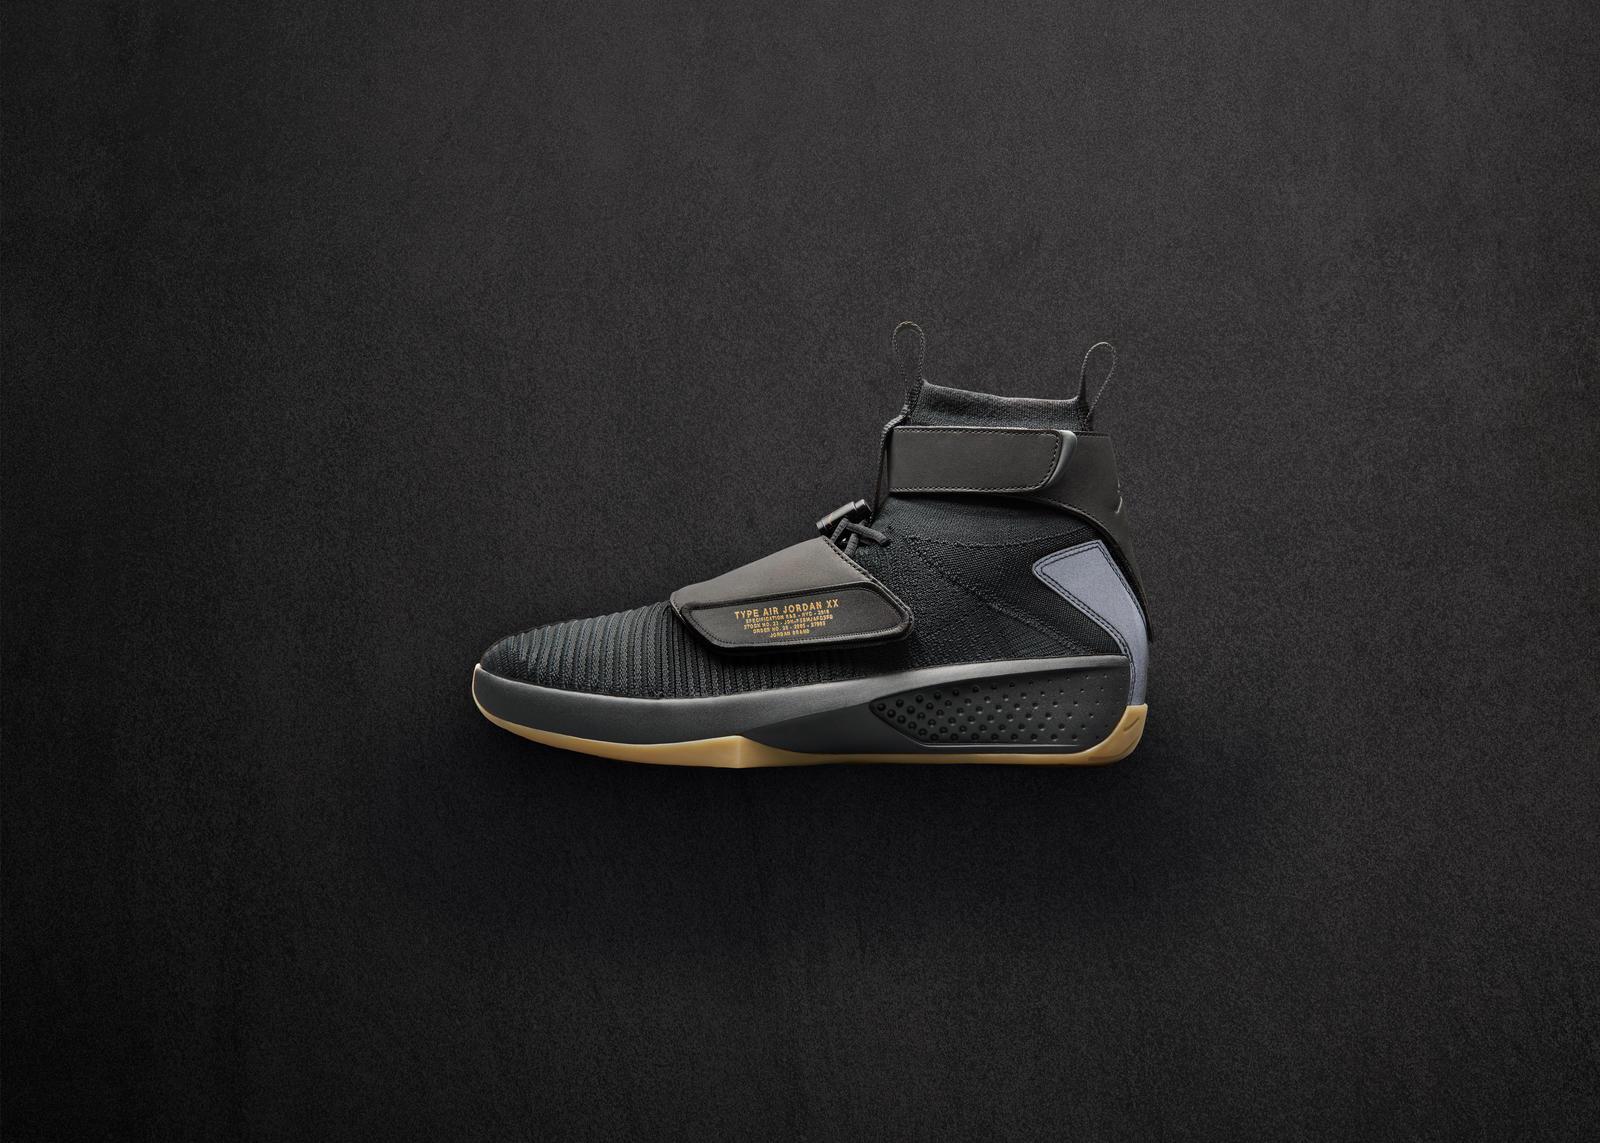 54c967ba5f57 ... Air Jordan XX en collaboration avec Carmelo Anthony et la marque de  mode Rag   Bone. Elles sortiront fin septembre mais pour le moment il n y a  pas de ...